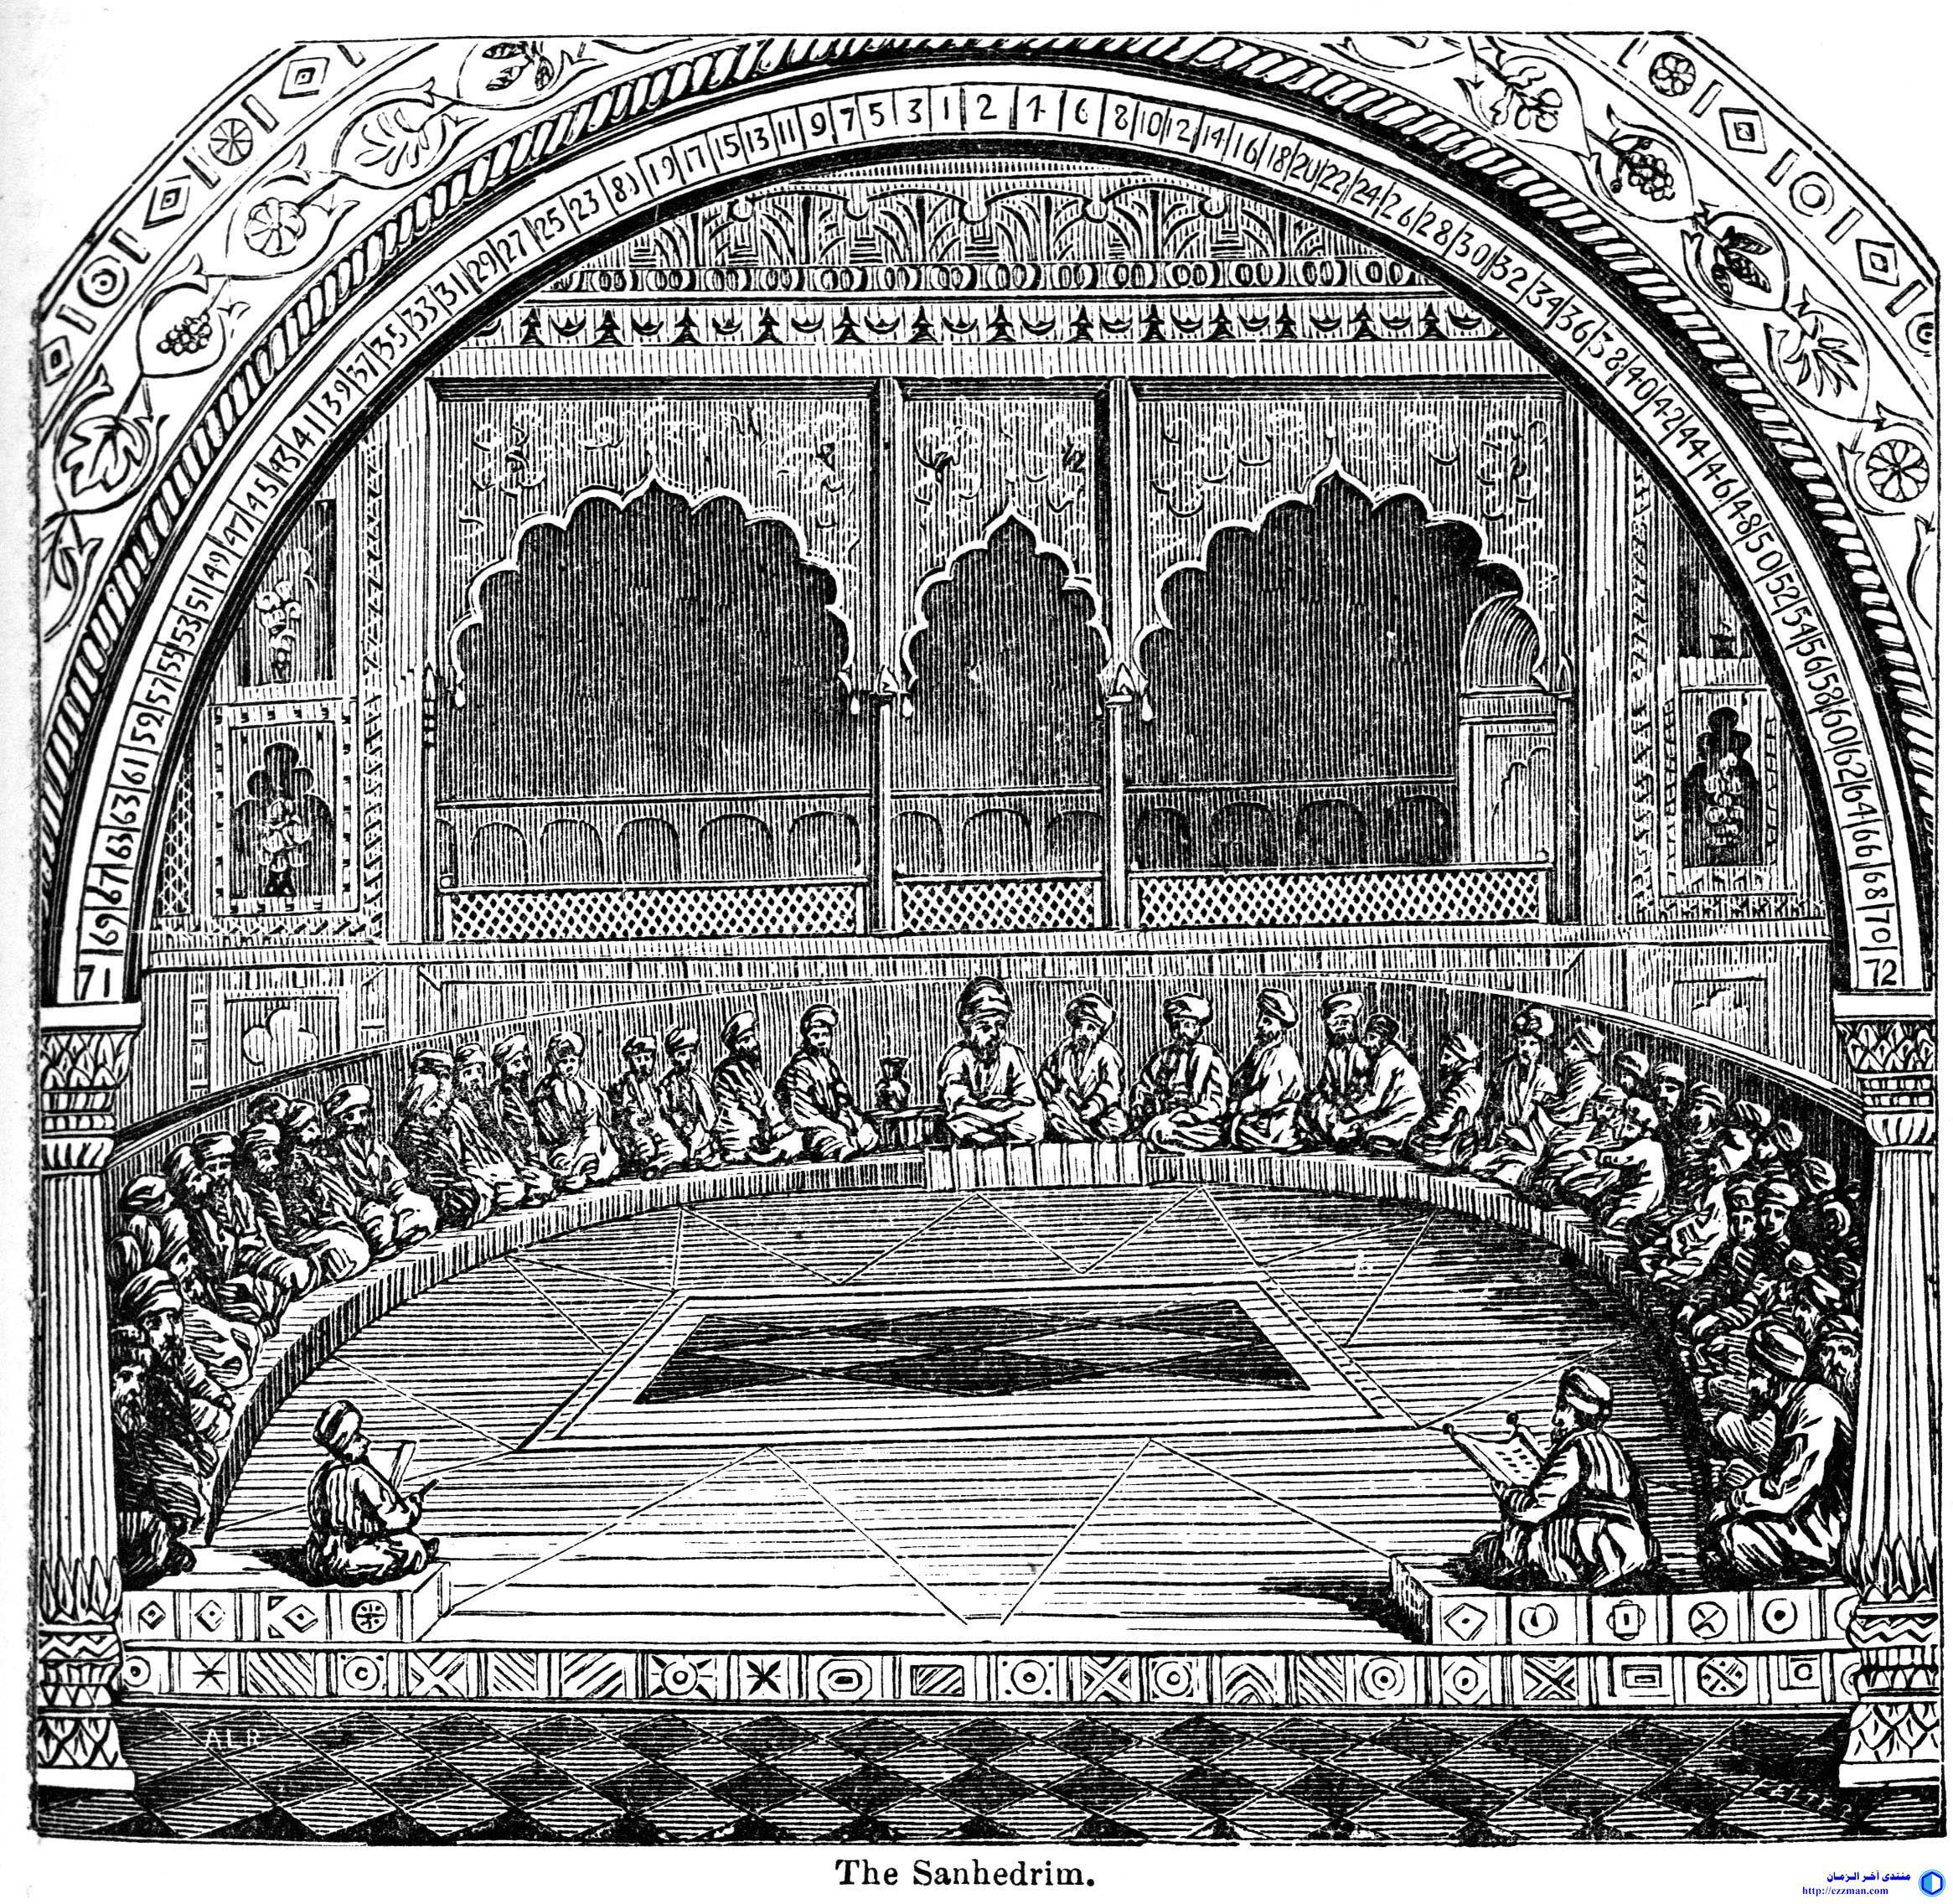 مجمع حكماء اليهود الأعظم سانهدرين